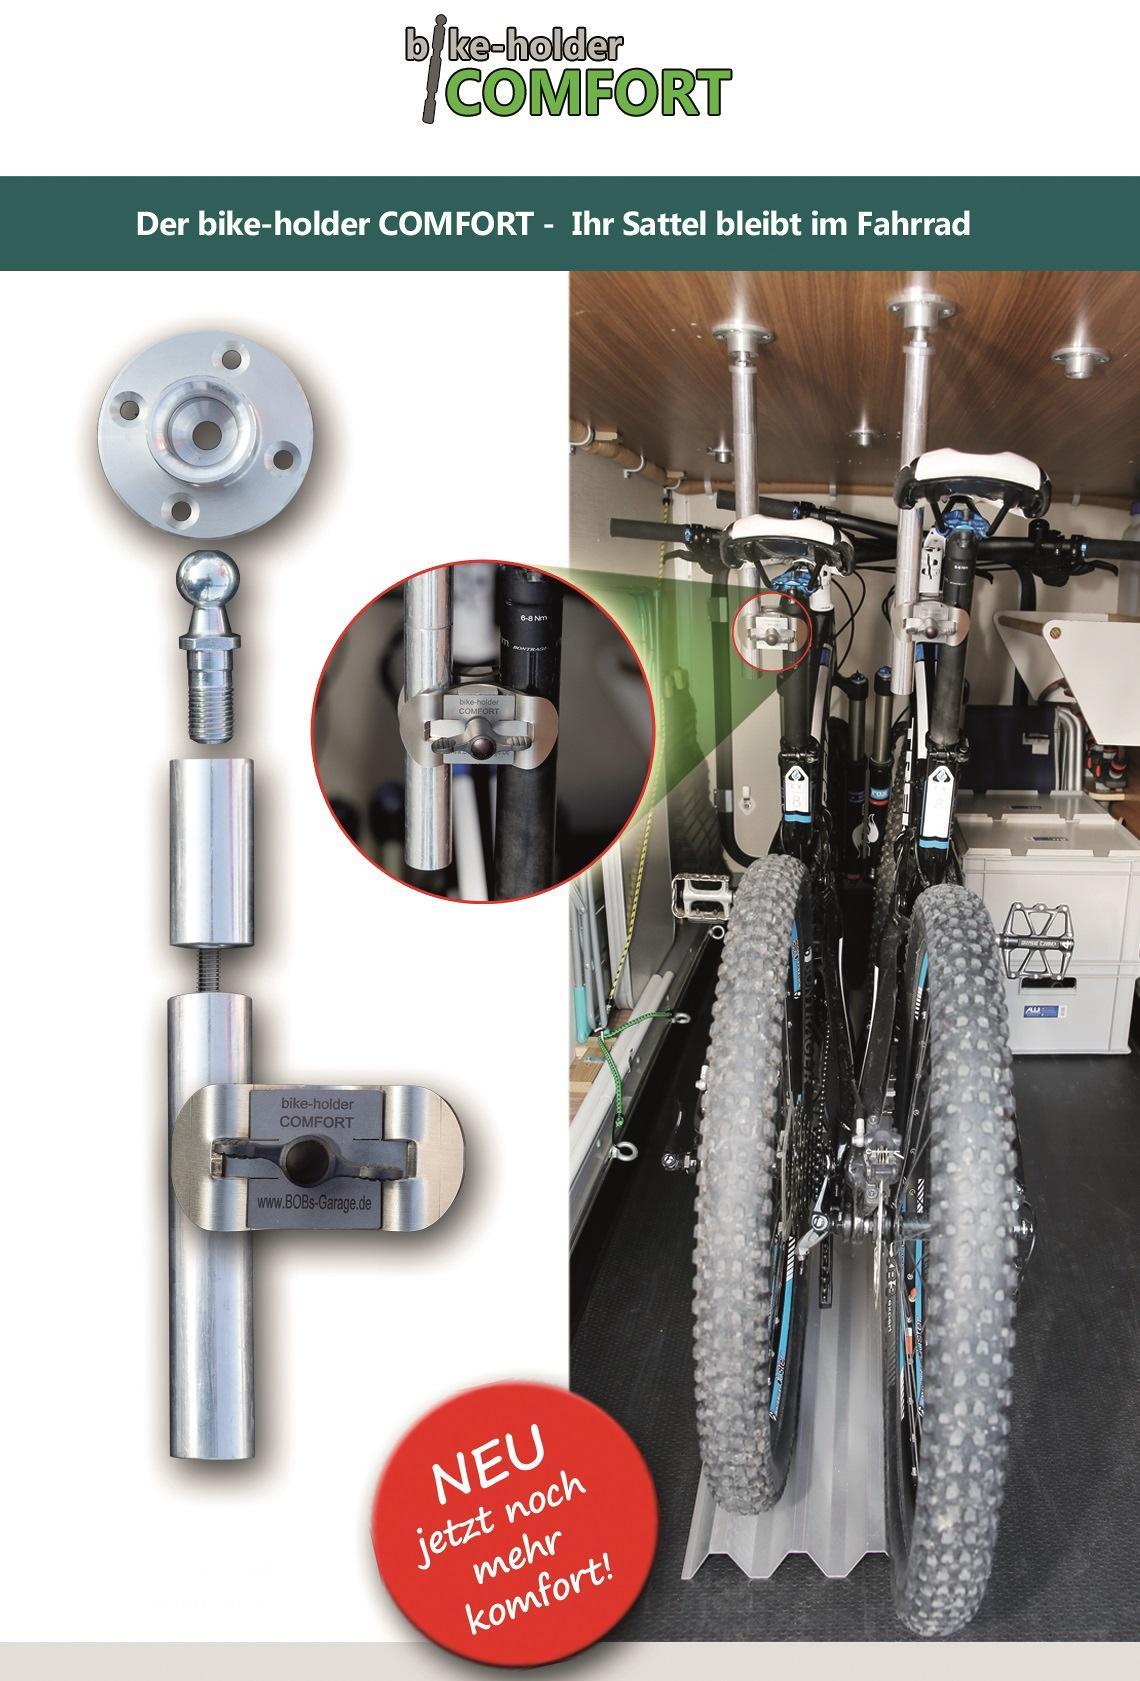 bike holder comfort set f r zwei fahrr der inkl 3er set. Black Bedroom Furniture Sets. Home Design Ideas